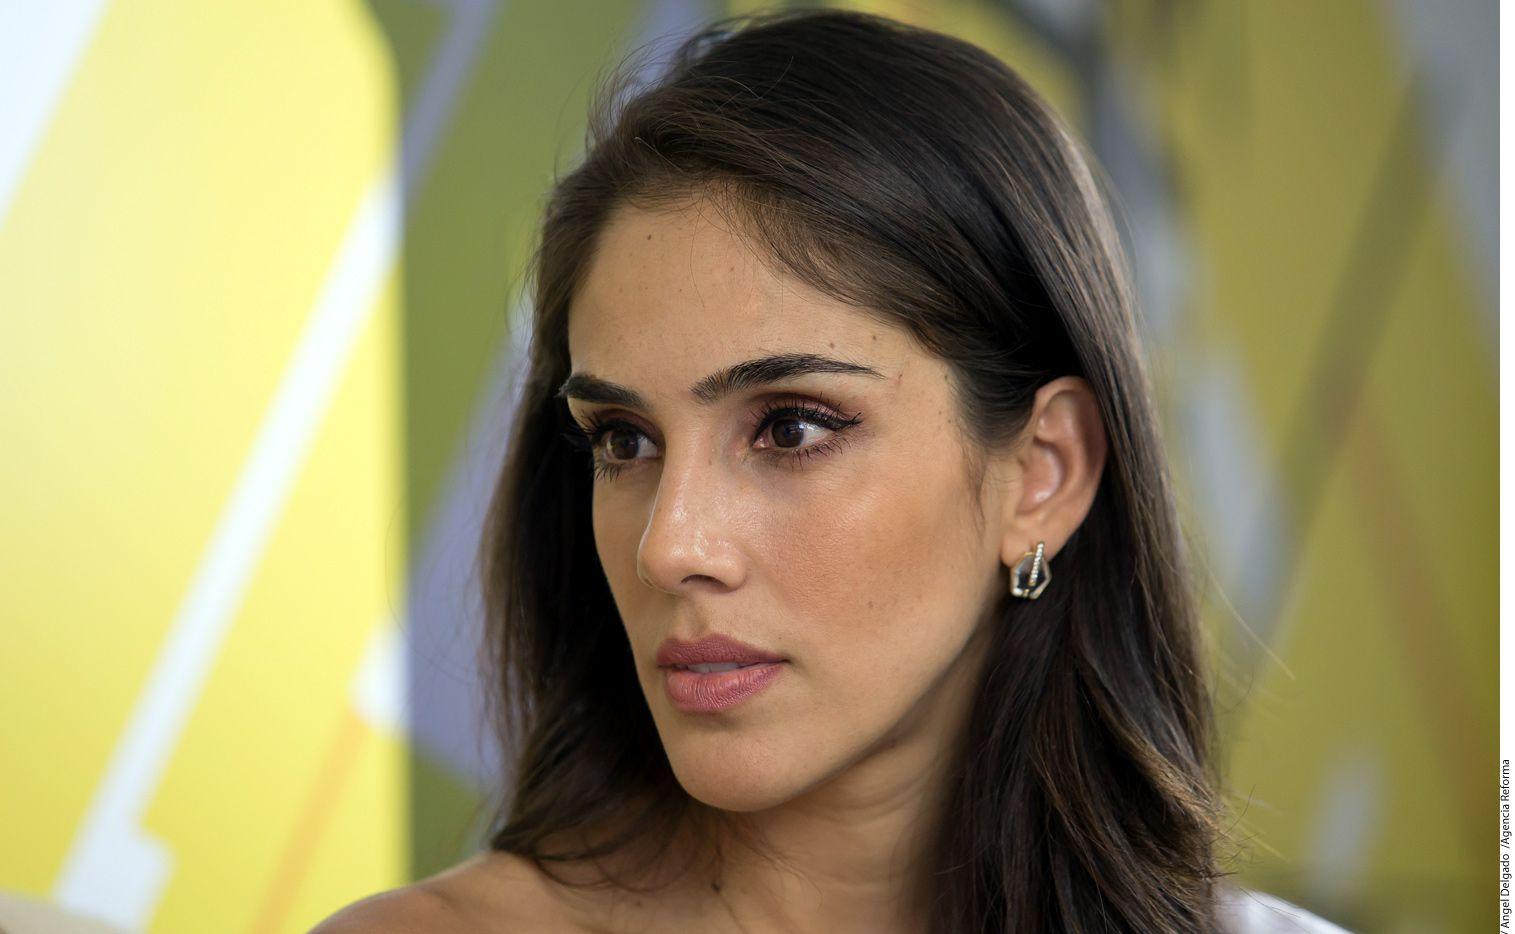 La actriz Sandra Echeverría (foto) protagonizará la serie basada en la vida de Graciela Olmos, quien fuera la dueña del burdel más famoso de la Ciudad de México./ AGENCIA REFORMA